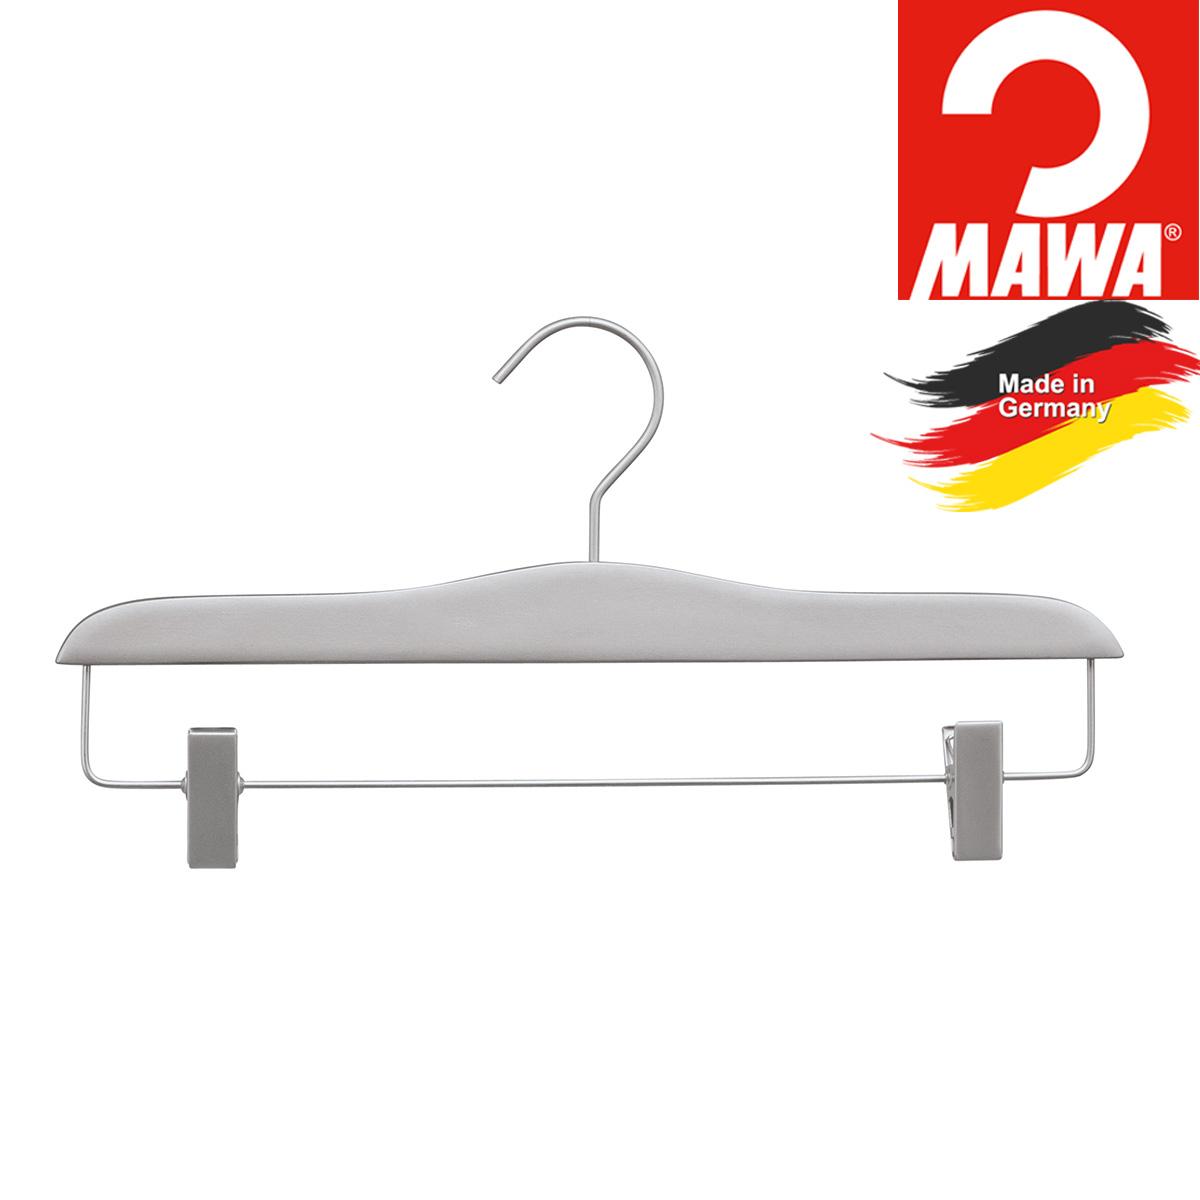 MAWA Hosenbügel